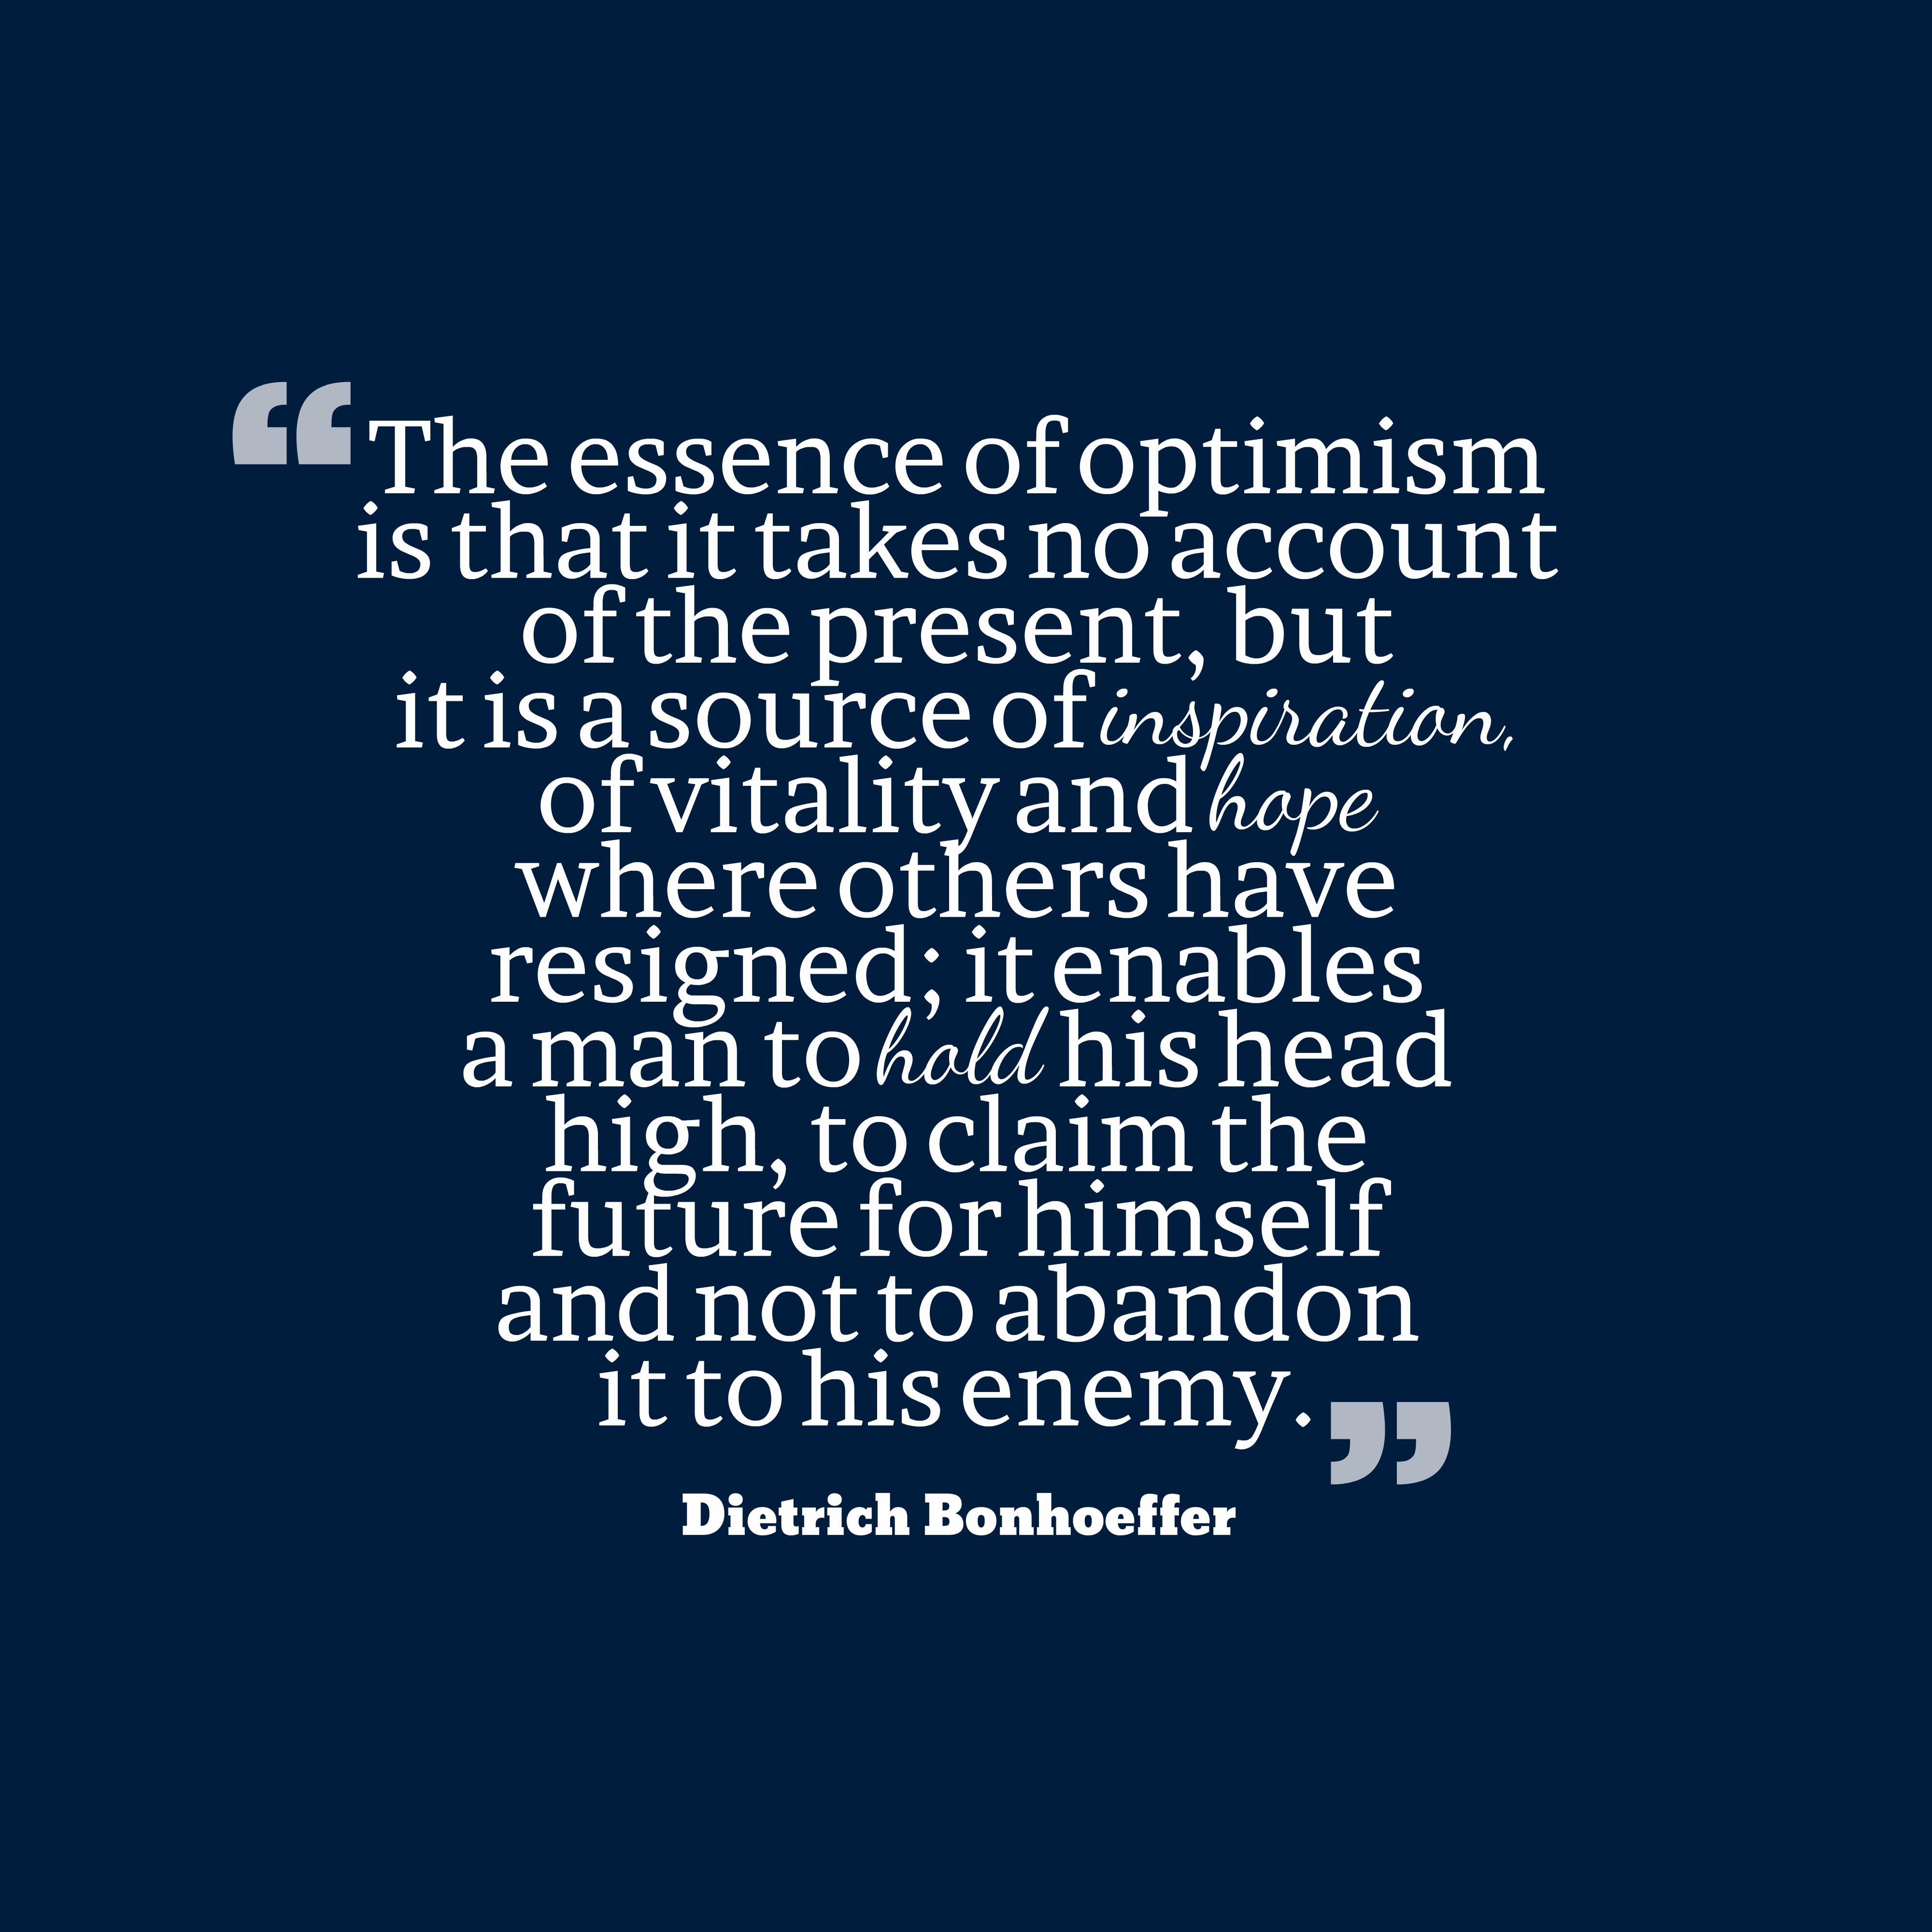 Bonhoeffer Quotes | Dietrich Bonhoeffer Quote About Optimism